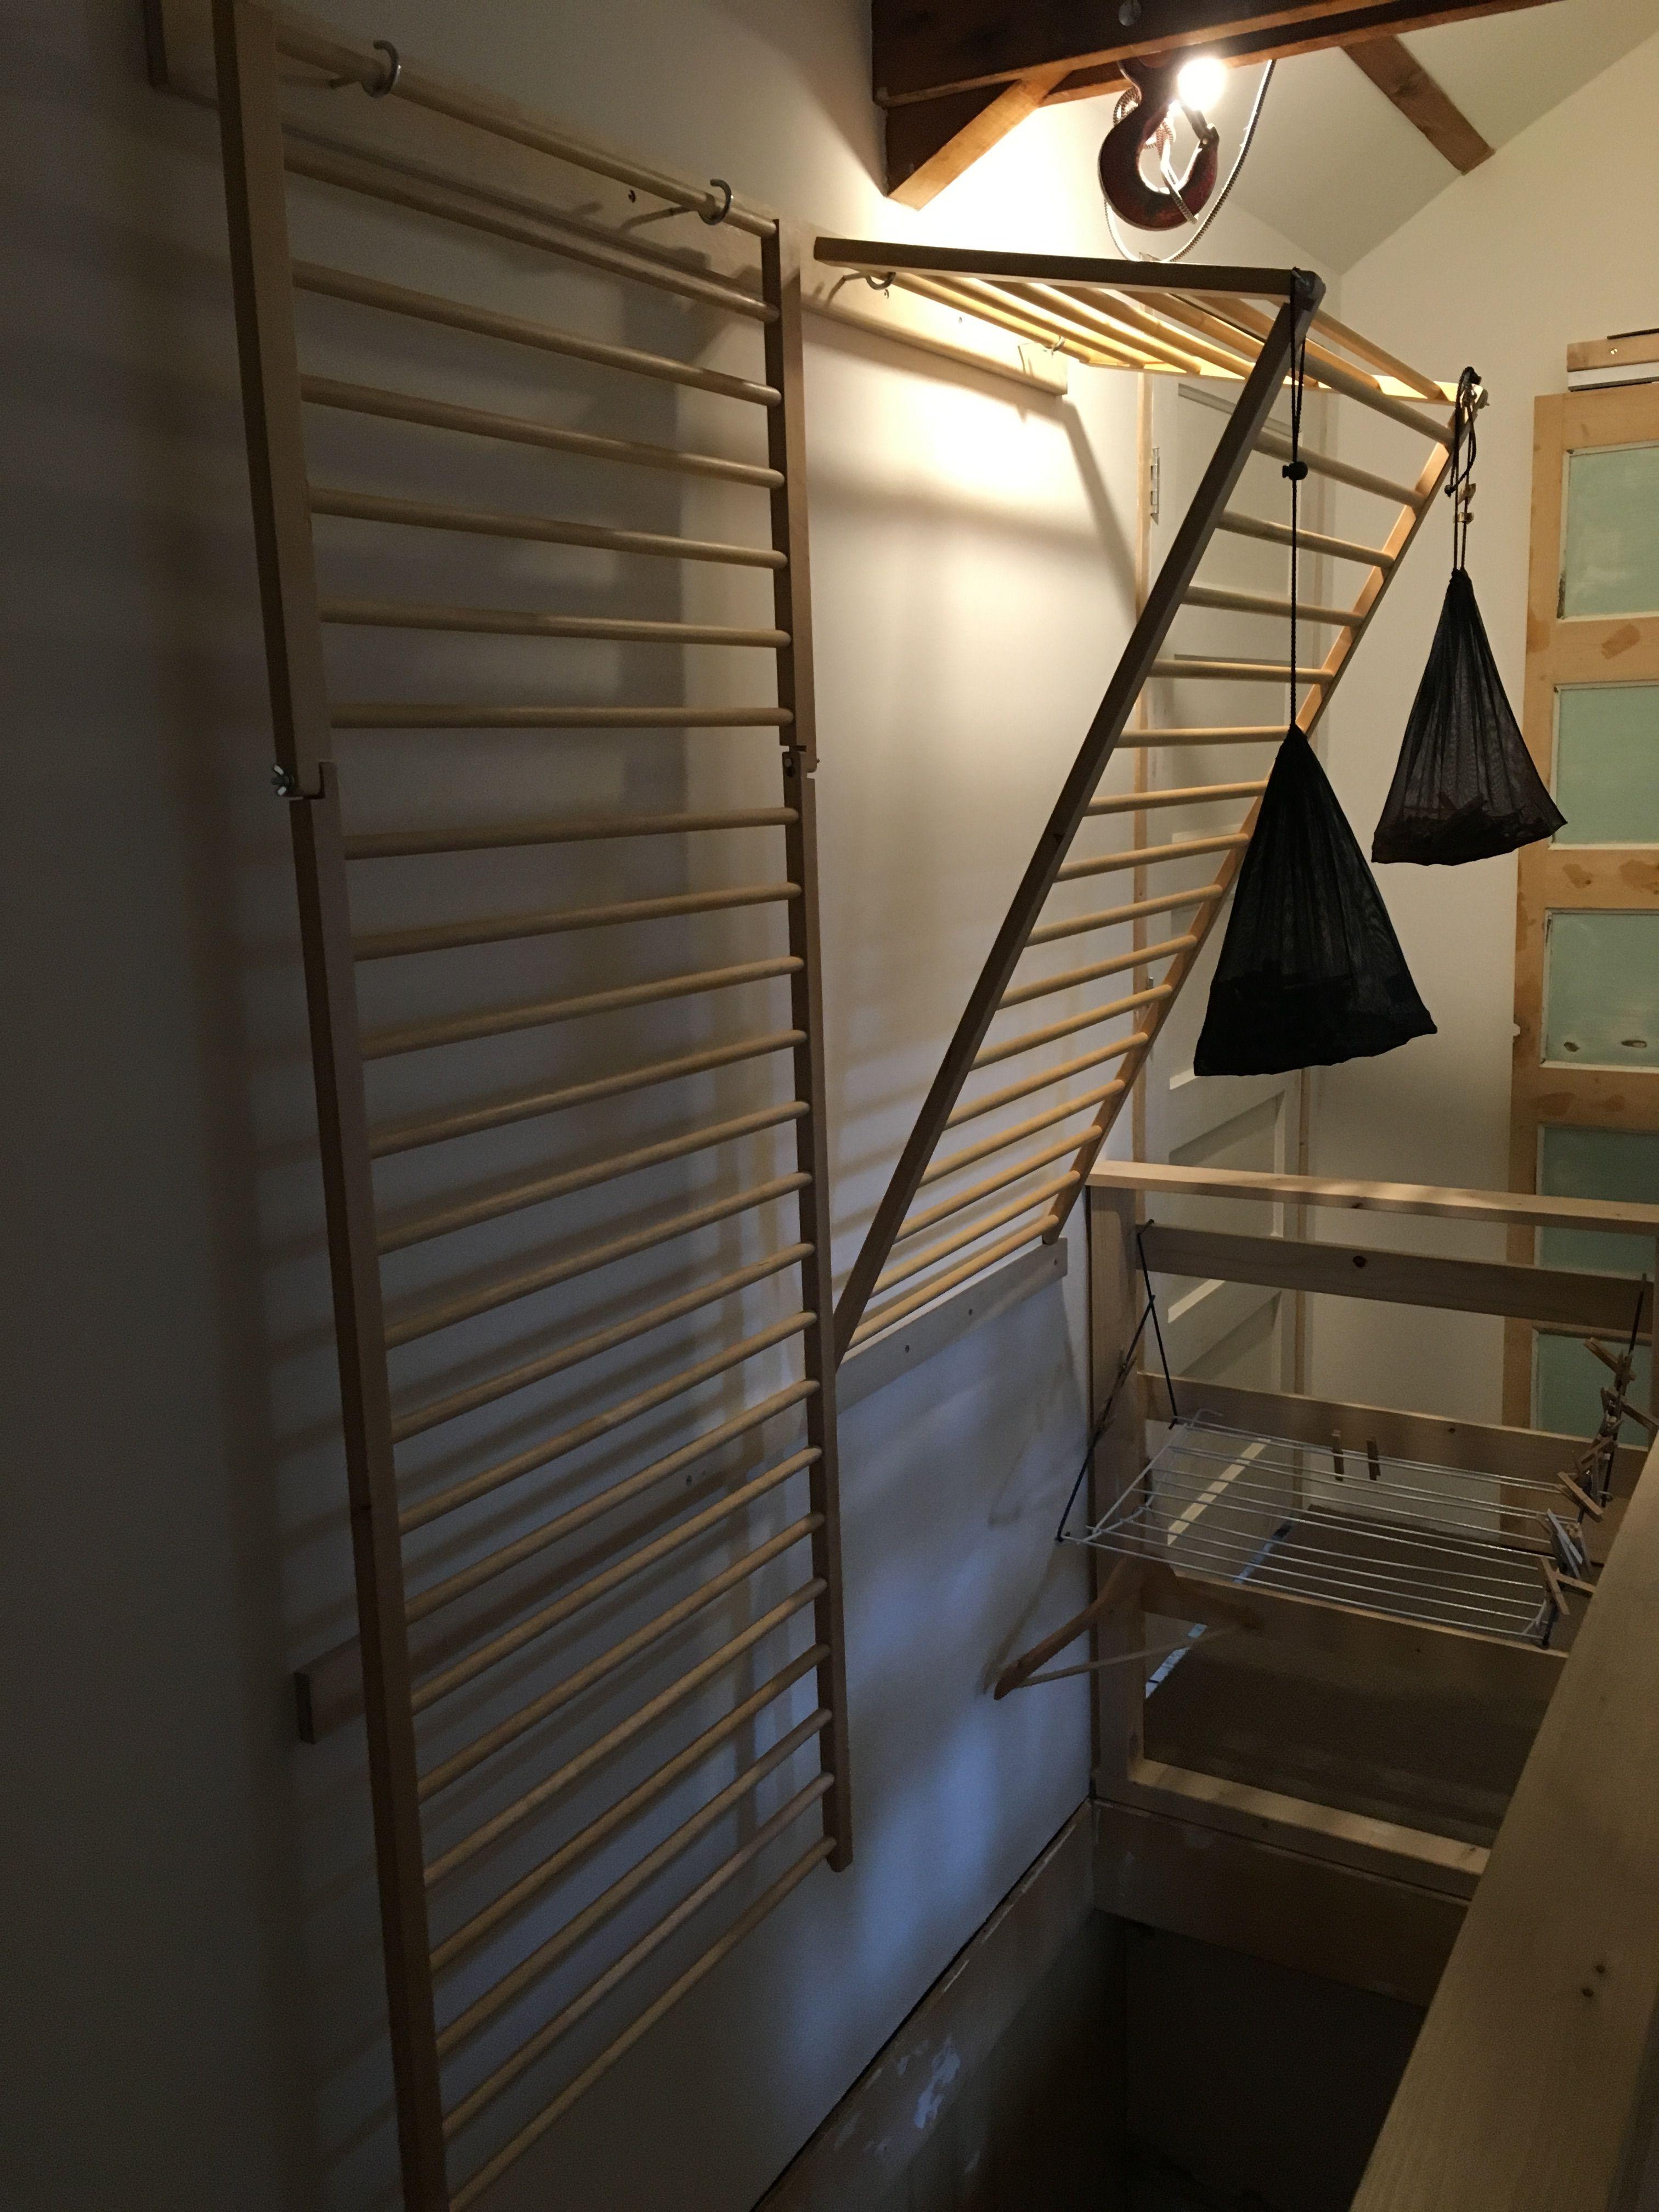 Ikea hack. Ledikantje van Ikea met vleugelmoeren de hoeken aan ...